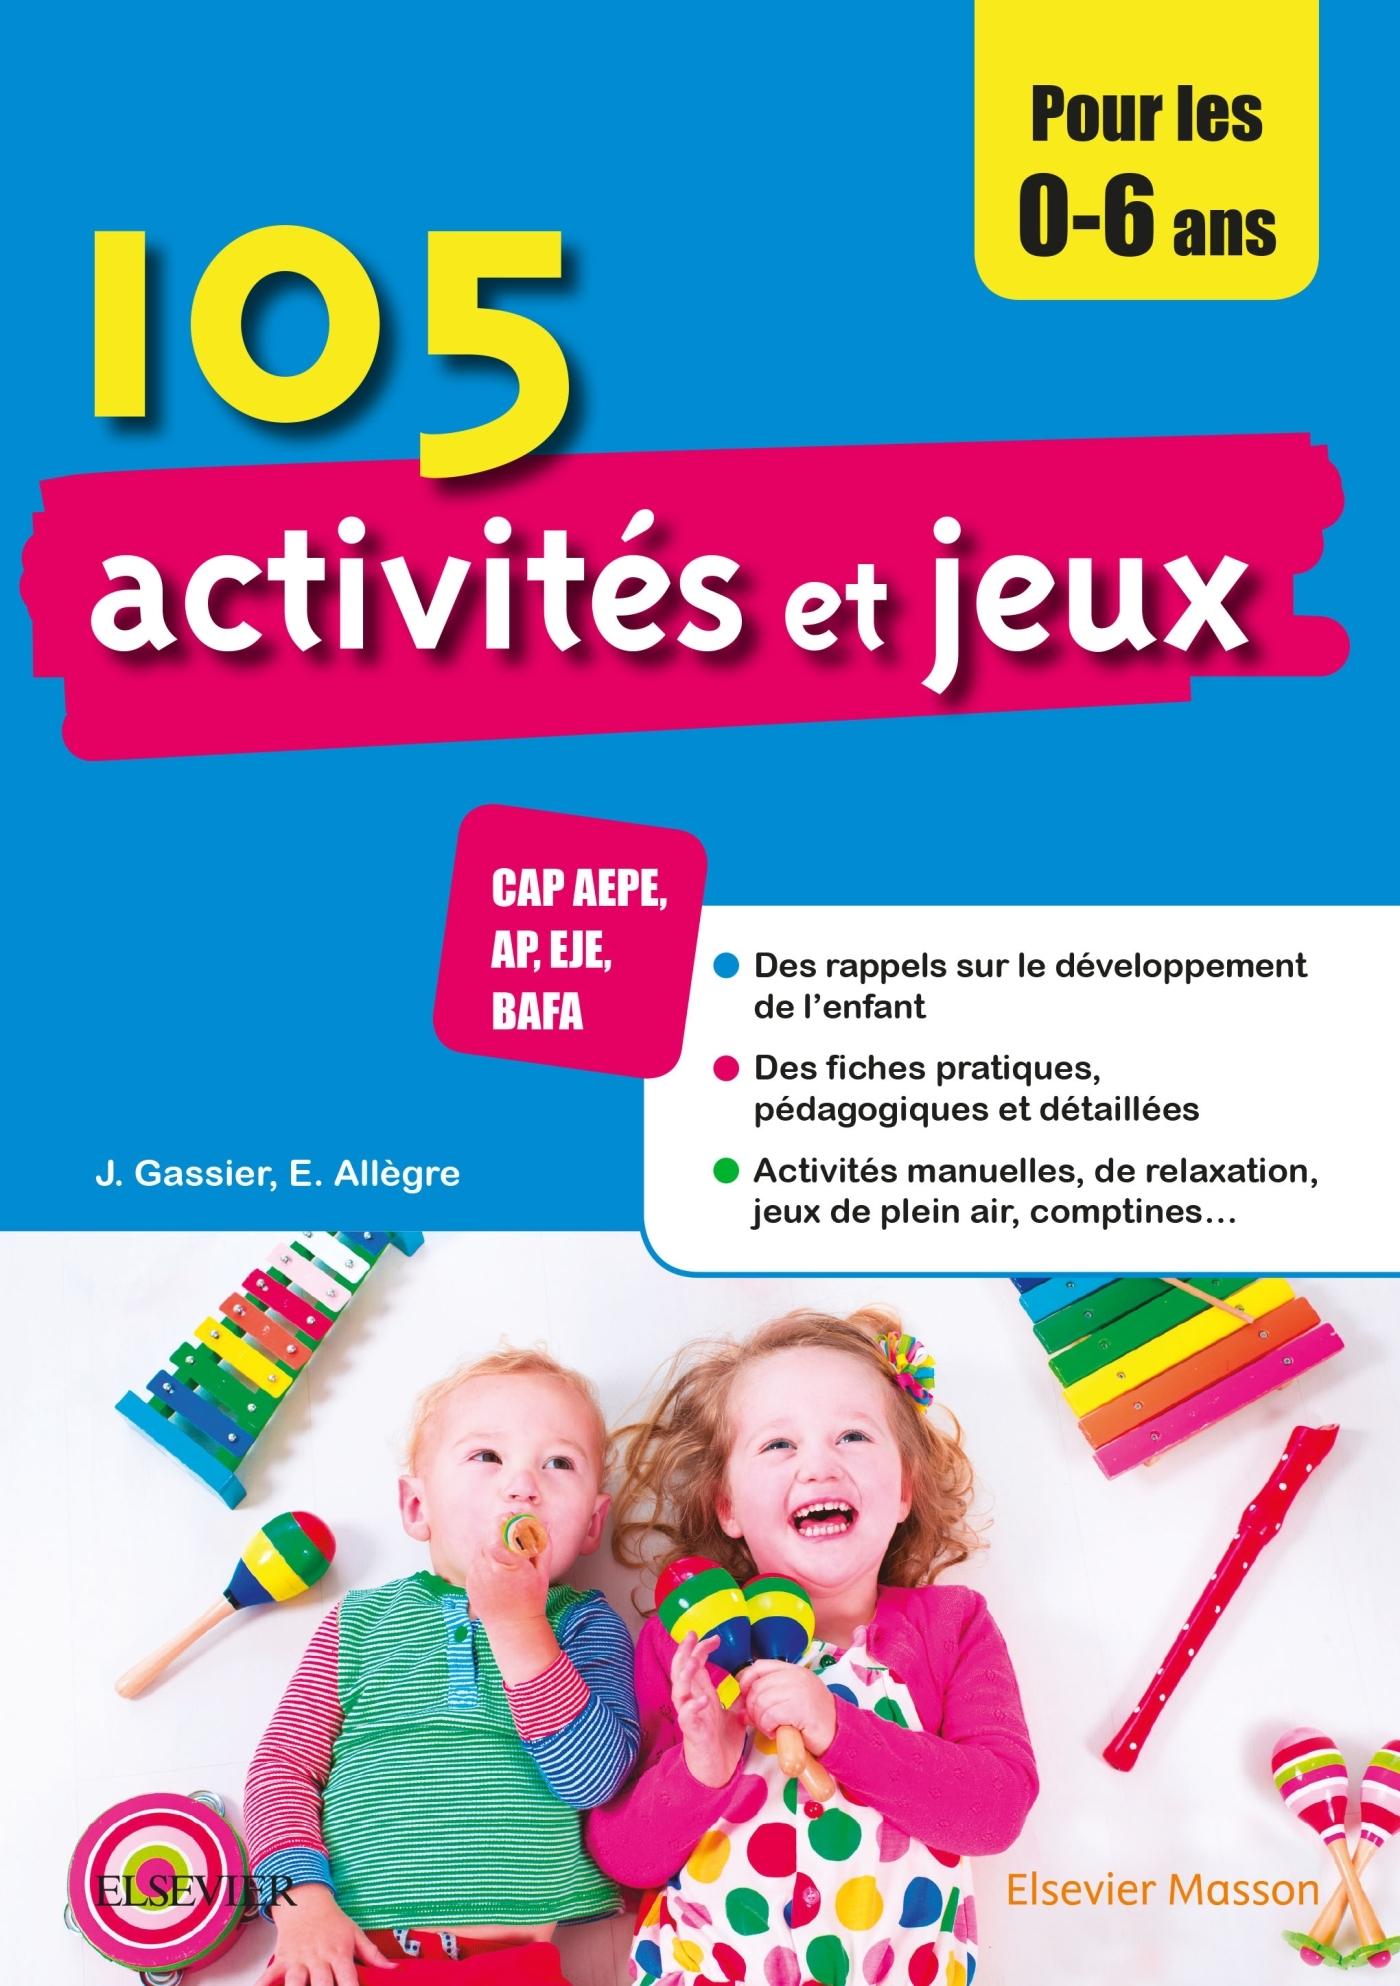 105 ACTIVITES ET JEUX POUR LES 0-6 ANS